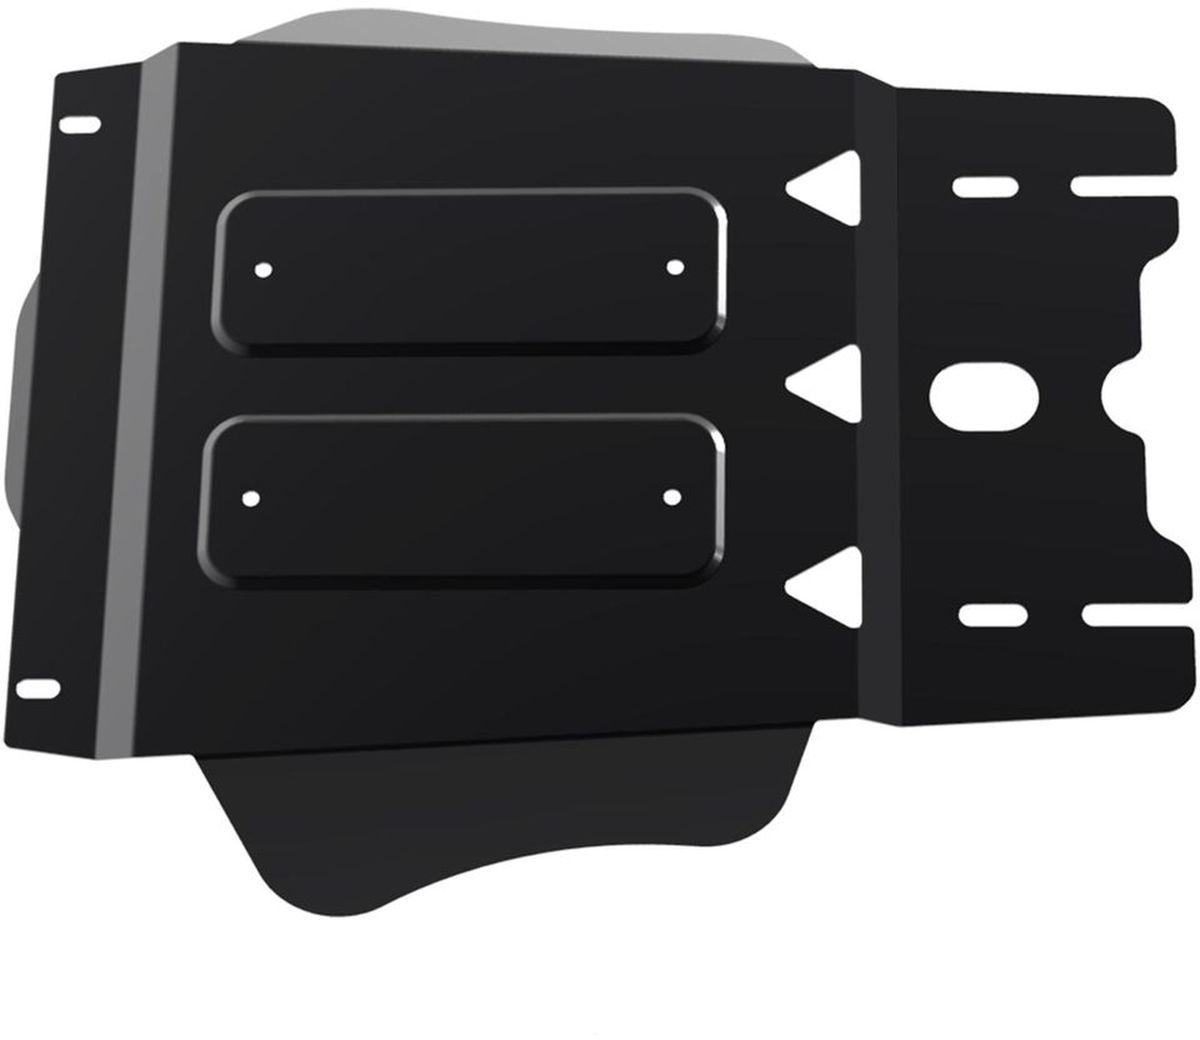 Защита КПП Автоброня, для Toyota LC90(1996-1999;1999-2002)/Hilux Surf(1995-1997;1997-2002)111.05739.1Технологически совершенный продукт за невысокую стоимость. Защита разработана с учетом особенностей днища автомобиля, что позволяет сохранить дорожный просвет с минимальным изменением. Защита устанавливается в штатные места кузова автомобиля. Глубокий штамп обеспечивает до двух раз больше жесткости в сравнении с обычной защитой той же толщины. Проштампованные ребра жесткости препятствуют деформации защиты при ударах. Тепловой зазор и вентиляционные отверстия обеспечивают сохранение температурного режима двигателя в норме. Скрытый крепеж предотвращает срыв крепежных элементов при наезде на препятствие. Шумопоглощающие резиновые элементы обеспечивают комфортную езду без вибраций и скрежета металла, а съемные лючки для слива масла и замены фильтра - экономию средств и время. Конструкция изделия не влияет на пассивную безопасность автомобиля (при ударе защита не воздействует на деформационные зоны кузова). Со штатным крепежом. В комплекте инструкция по установке....